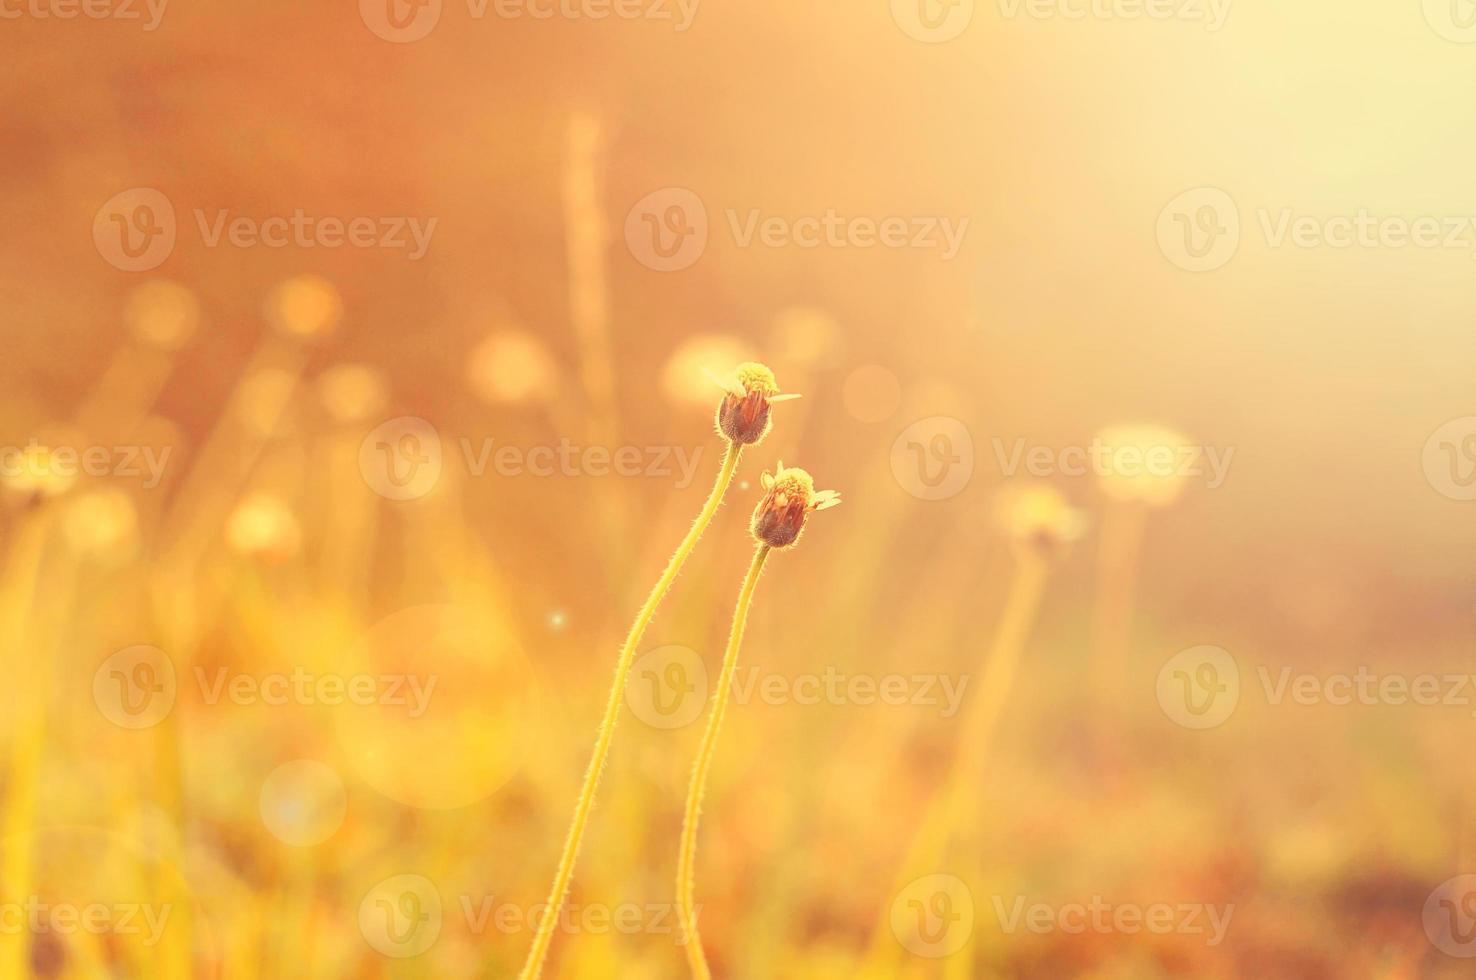 fiore selvaggio con riflesso lente. foto